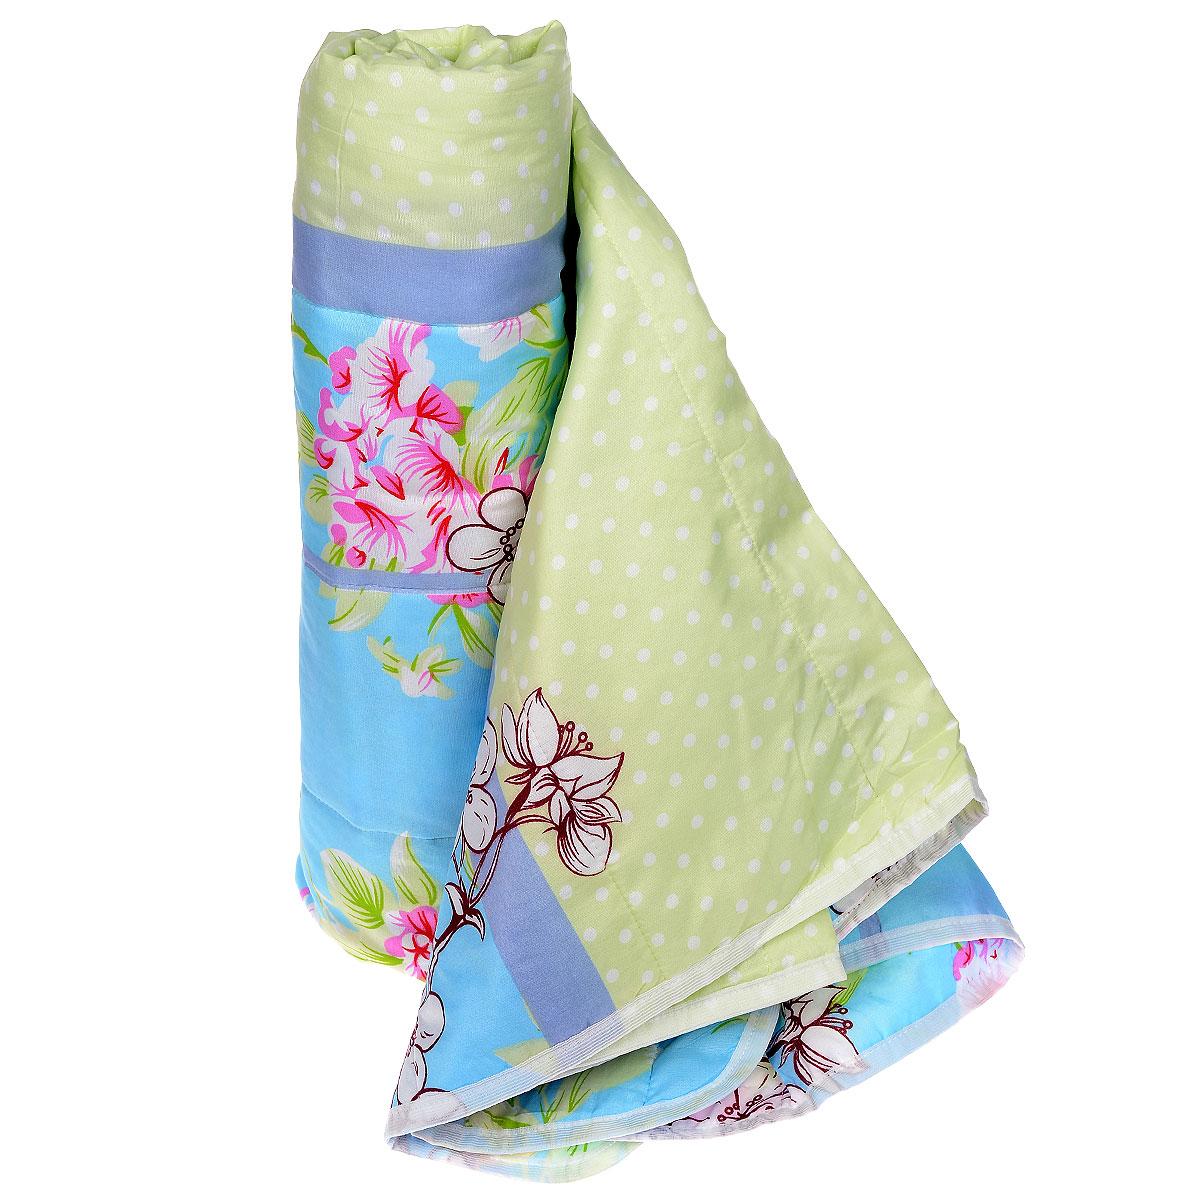 Одеяло летнее OL-Tex Miotex, наполнитель: полиэфирное волокно Holfiteks, 140 х 205 смМХПЭ-15-1Летнее одеяло OL-Tex Miotex создаст комфорт и уют во время сна. Стеганый чехол выполнен из полиэстера и оформлен красочным рисунком. Внутри - наполнитель из полиэфирного высокосиликонизированного волокна Holfiteks, упругий и качественный. Холфитекс - современный экологически чистый синтетический материал, изготовленный по новейшим технологиям. Его уникальность заключается в расположении волокон, которые позволяют моментально восстанавливать форму и сохранять ее долгое время. Изделия с использованием Холфитекса очень удобны в эксплуатации - их можно часто стирать без потери потребительских свойств, они быстро высыхают, не впитывают запахов и совершенно гиппоаллергенны. Холфитекс также обеспечивает хорошую терморегуляцию, поэтому изделия с наполнителем из холфитекса очень комфортны в использовании. Летнее одеяло с наполнителем Холфитекс прекрасно держит тепло, при этом оно очень легкое и уютное. Оно комфортно согревает и создает отличный микроклимат, под ним не будет жарко...